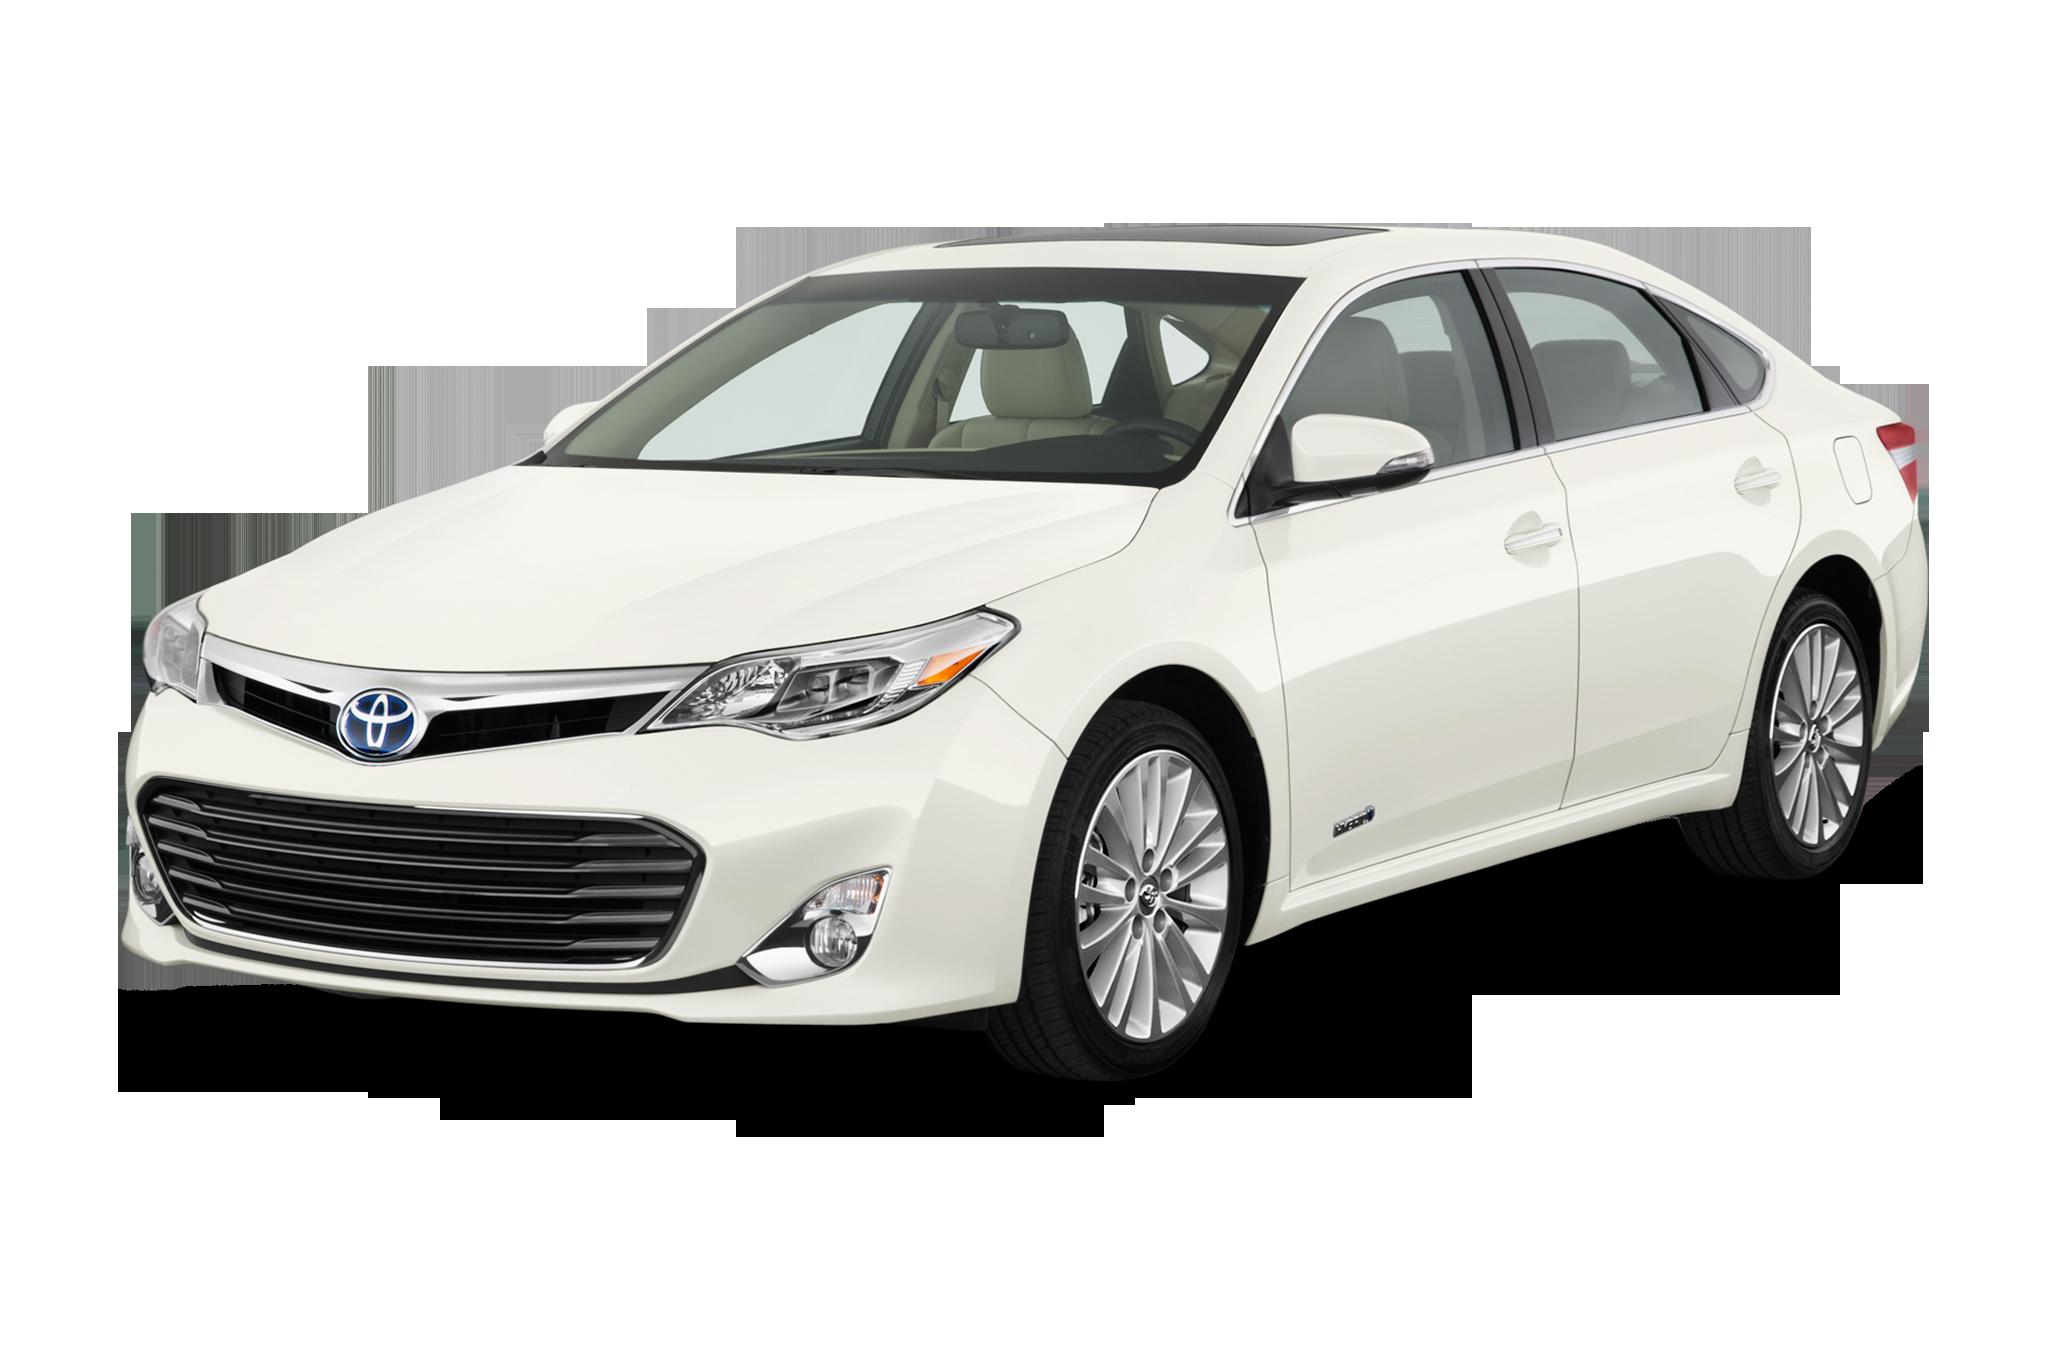 Detroit 2014 Toyota Ft 1 Concept Stuns Previews Future